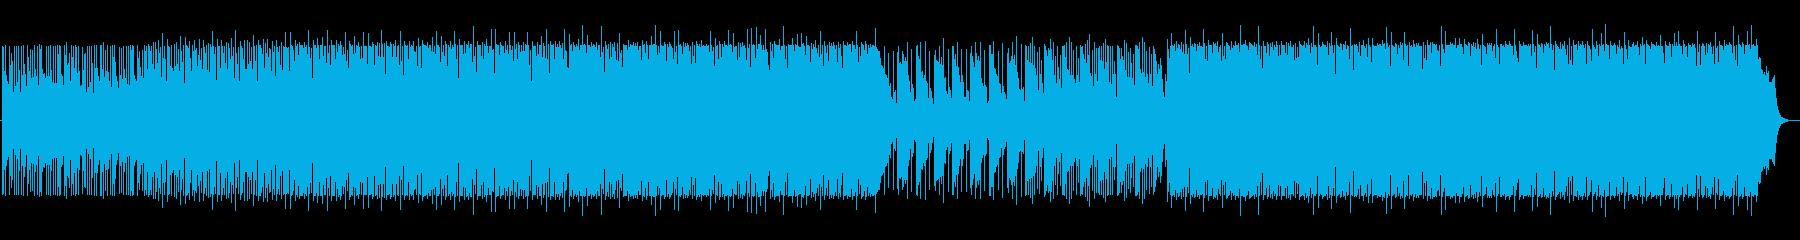 企業VP、映像向け / さわやか系BGMの再生済みの波形